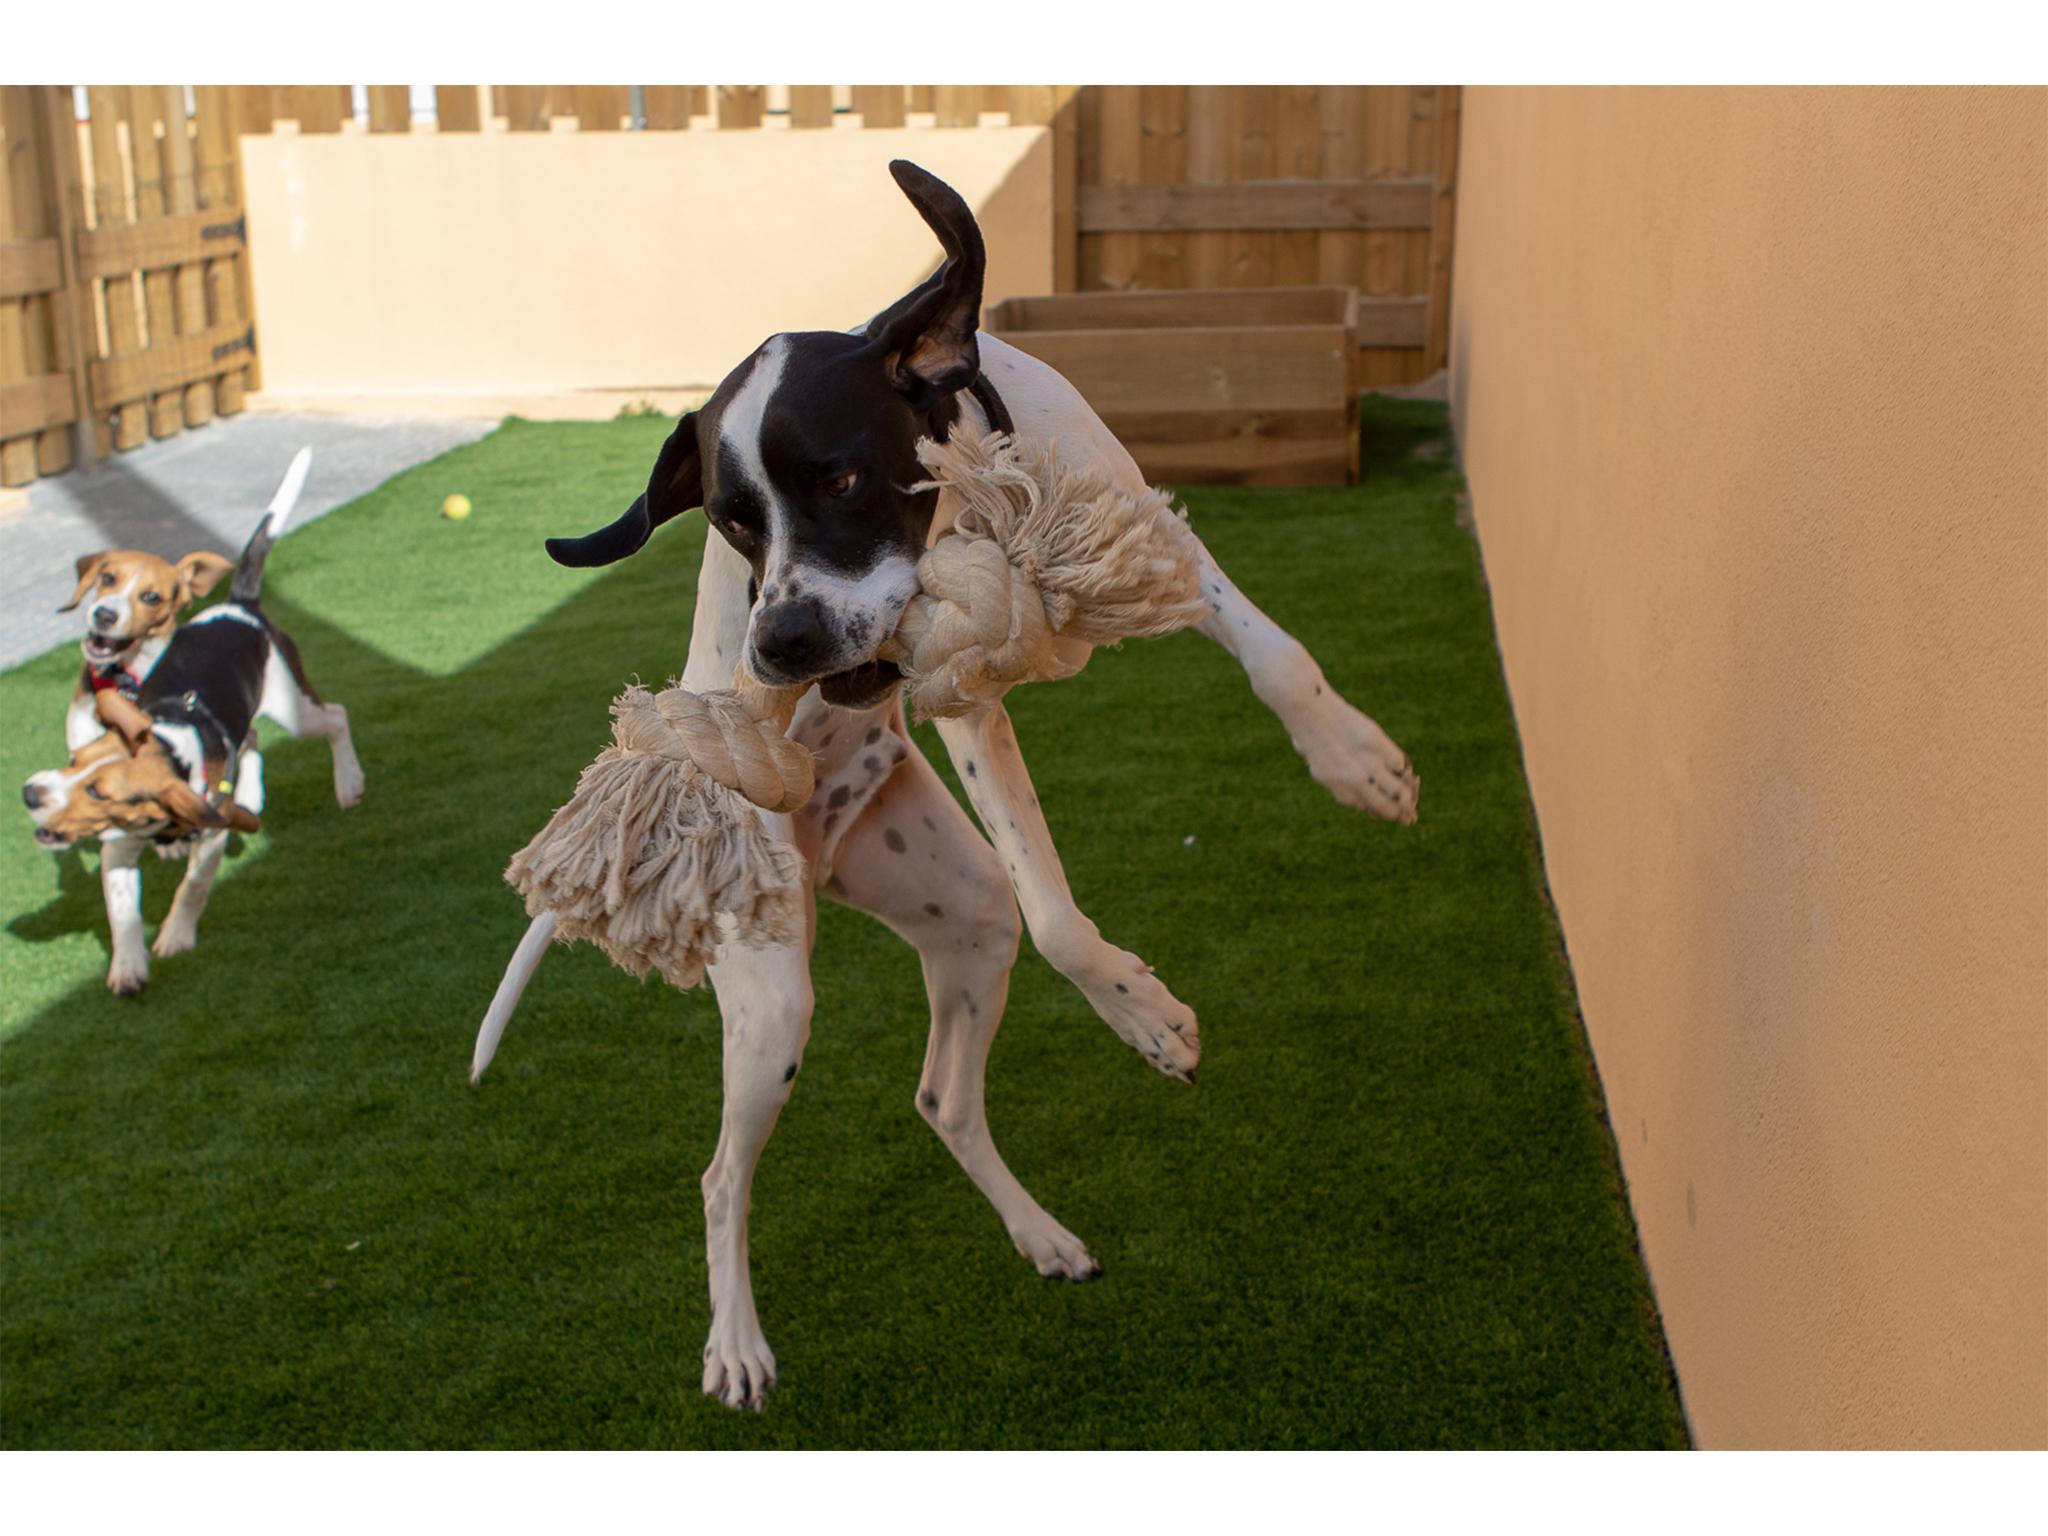 ATL para Cães, Brincadeiras, Cães, Just4buddies